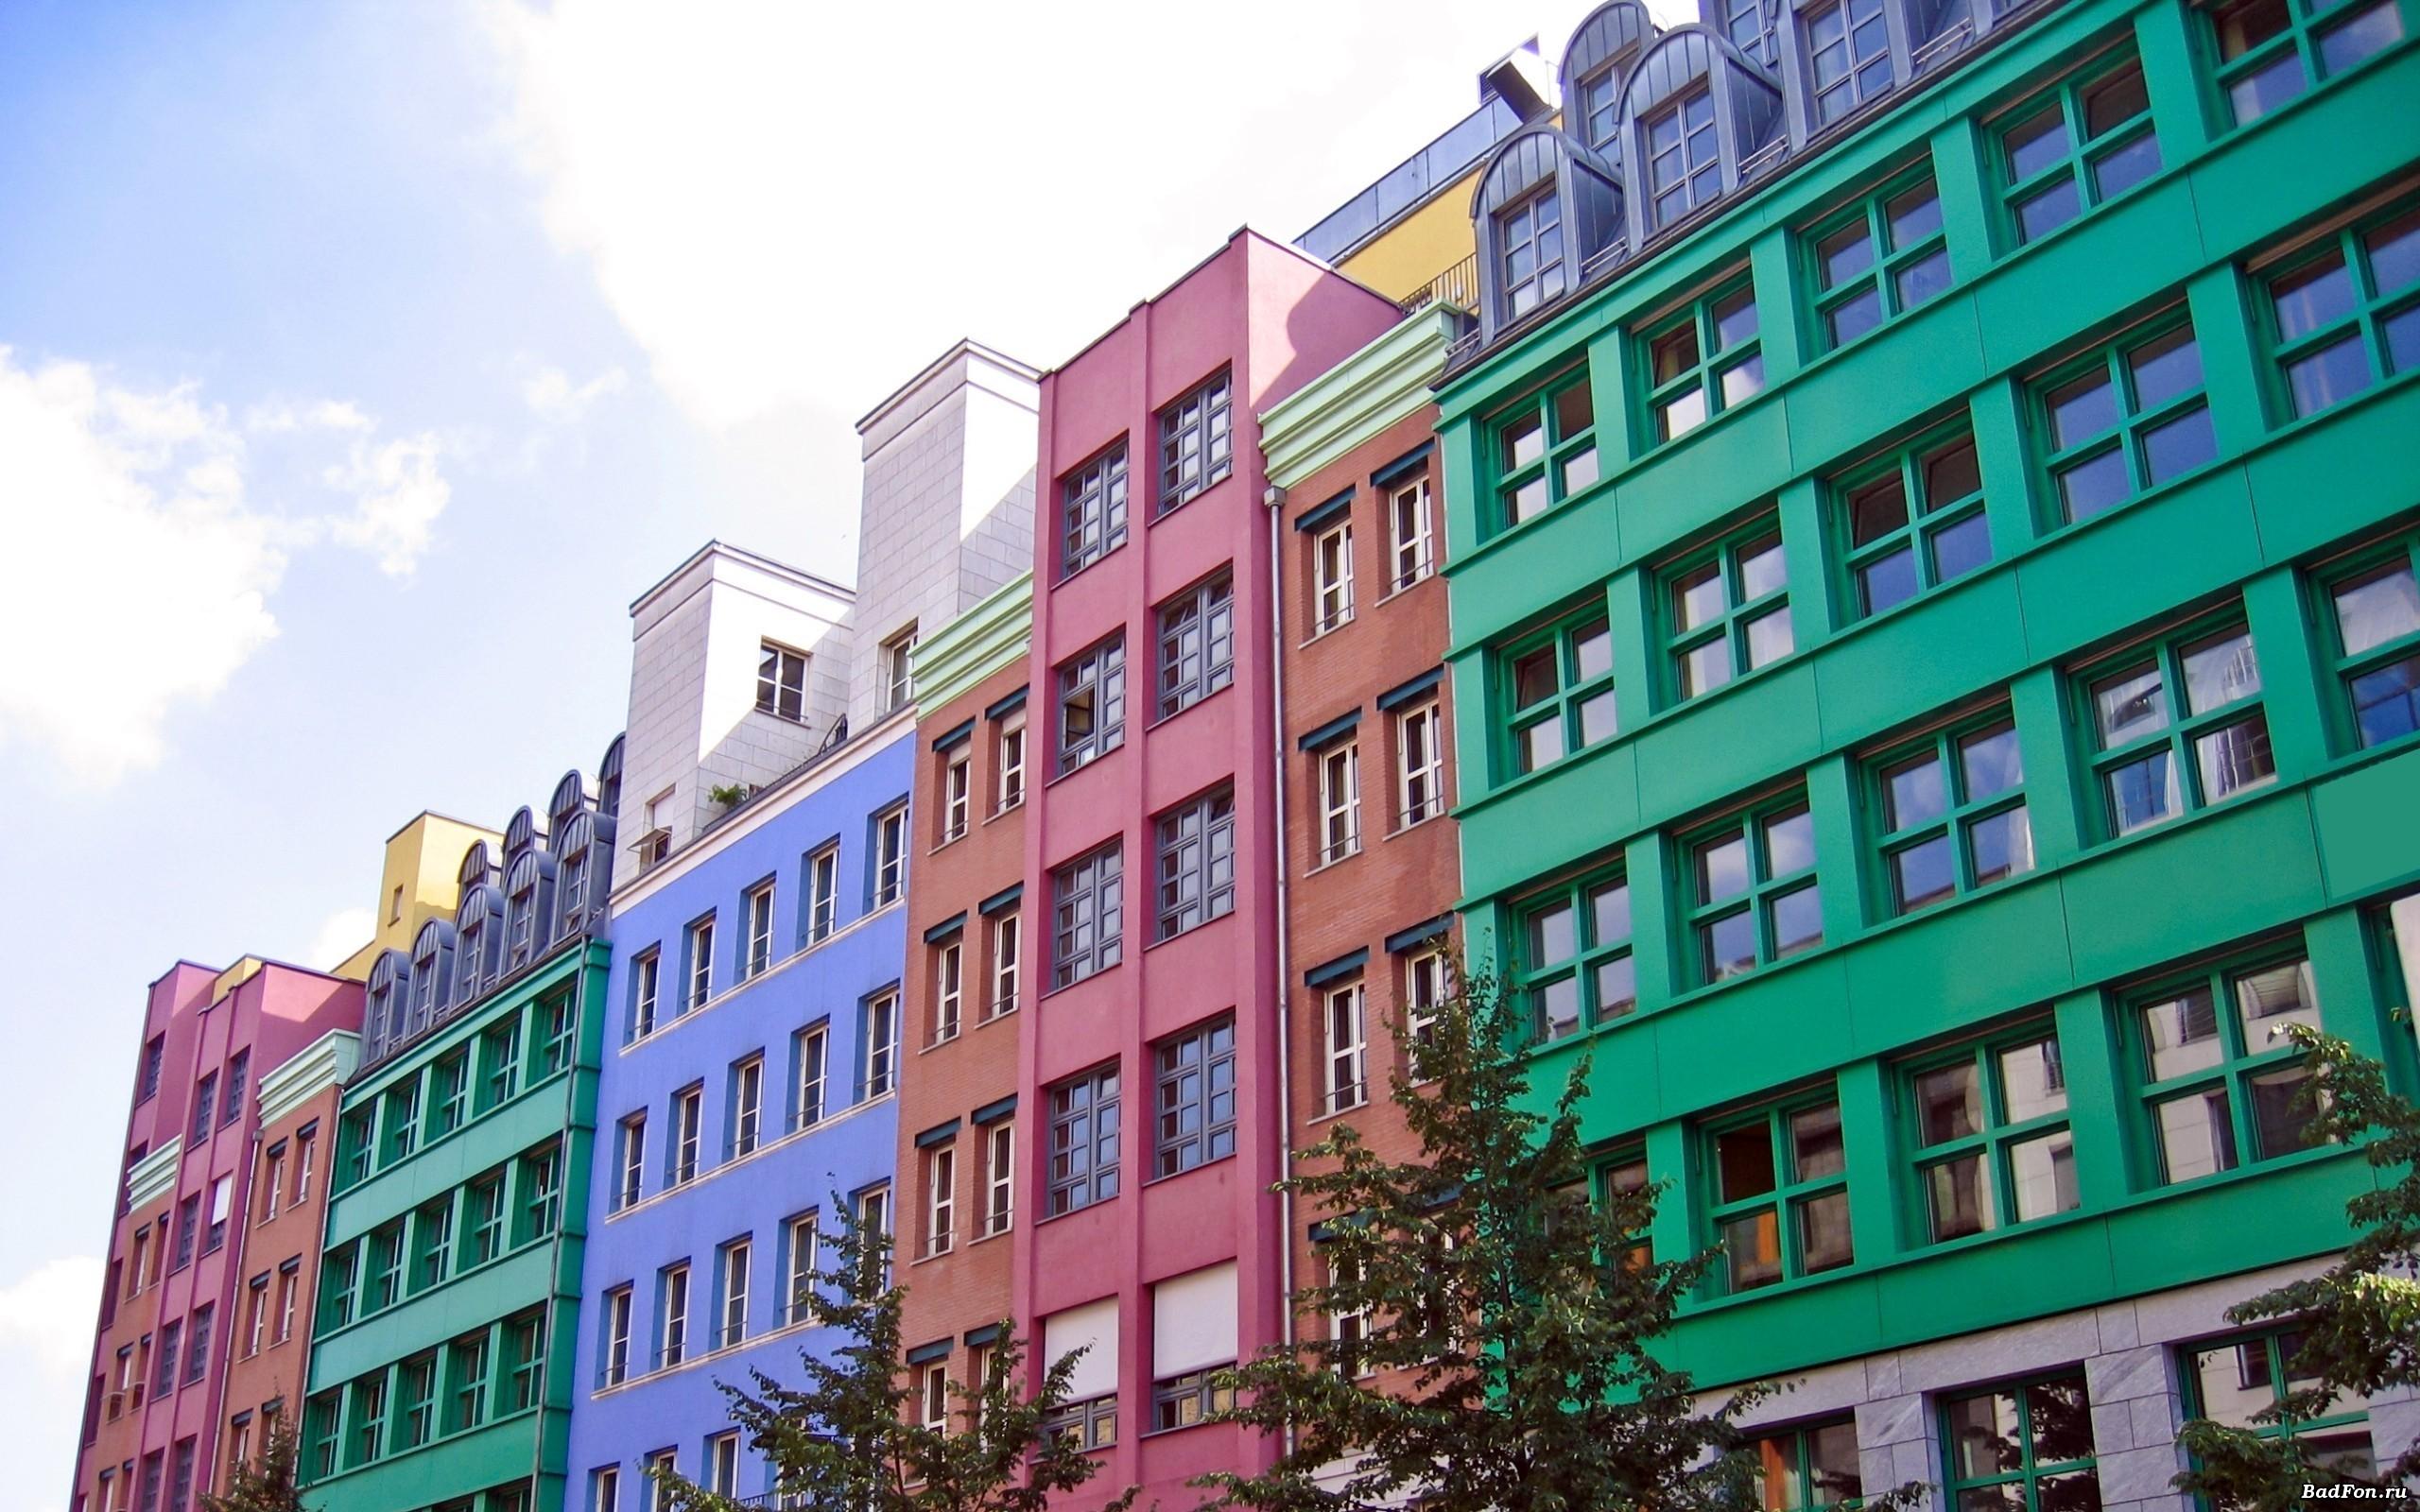 Колористические решения фасадов могут значительно отличаться для разных районов, кварталов и улиц города.